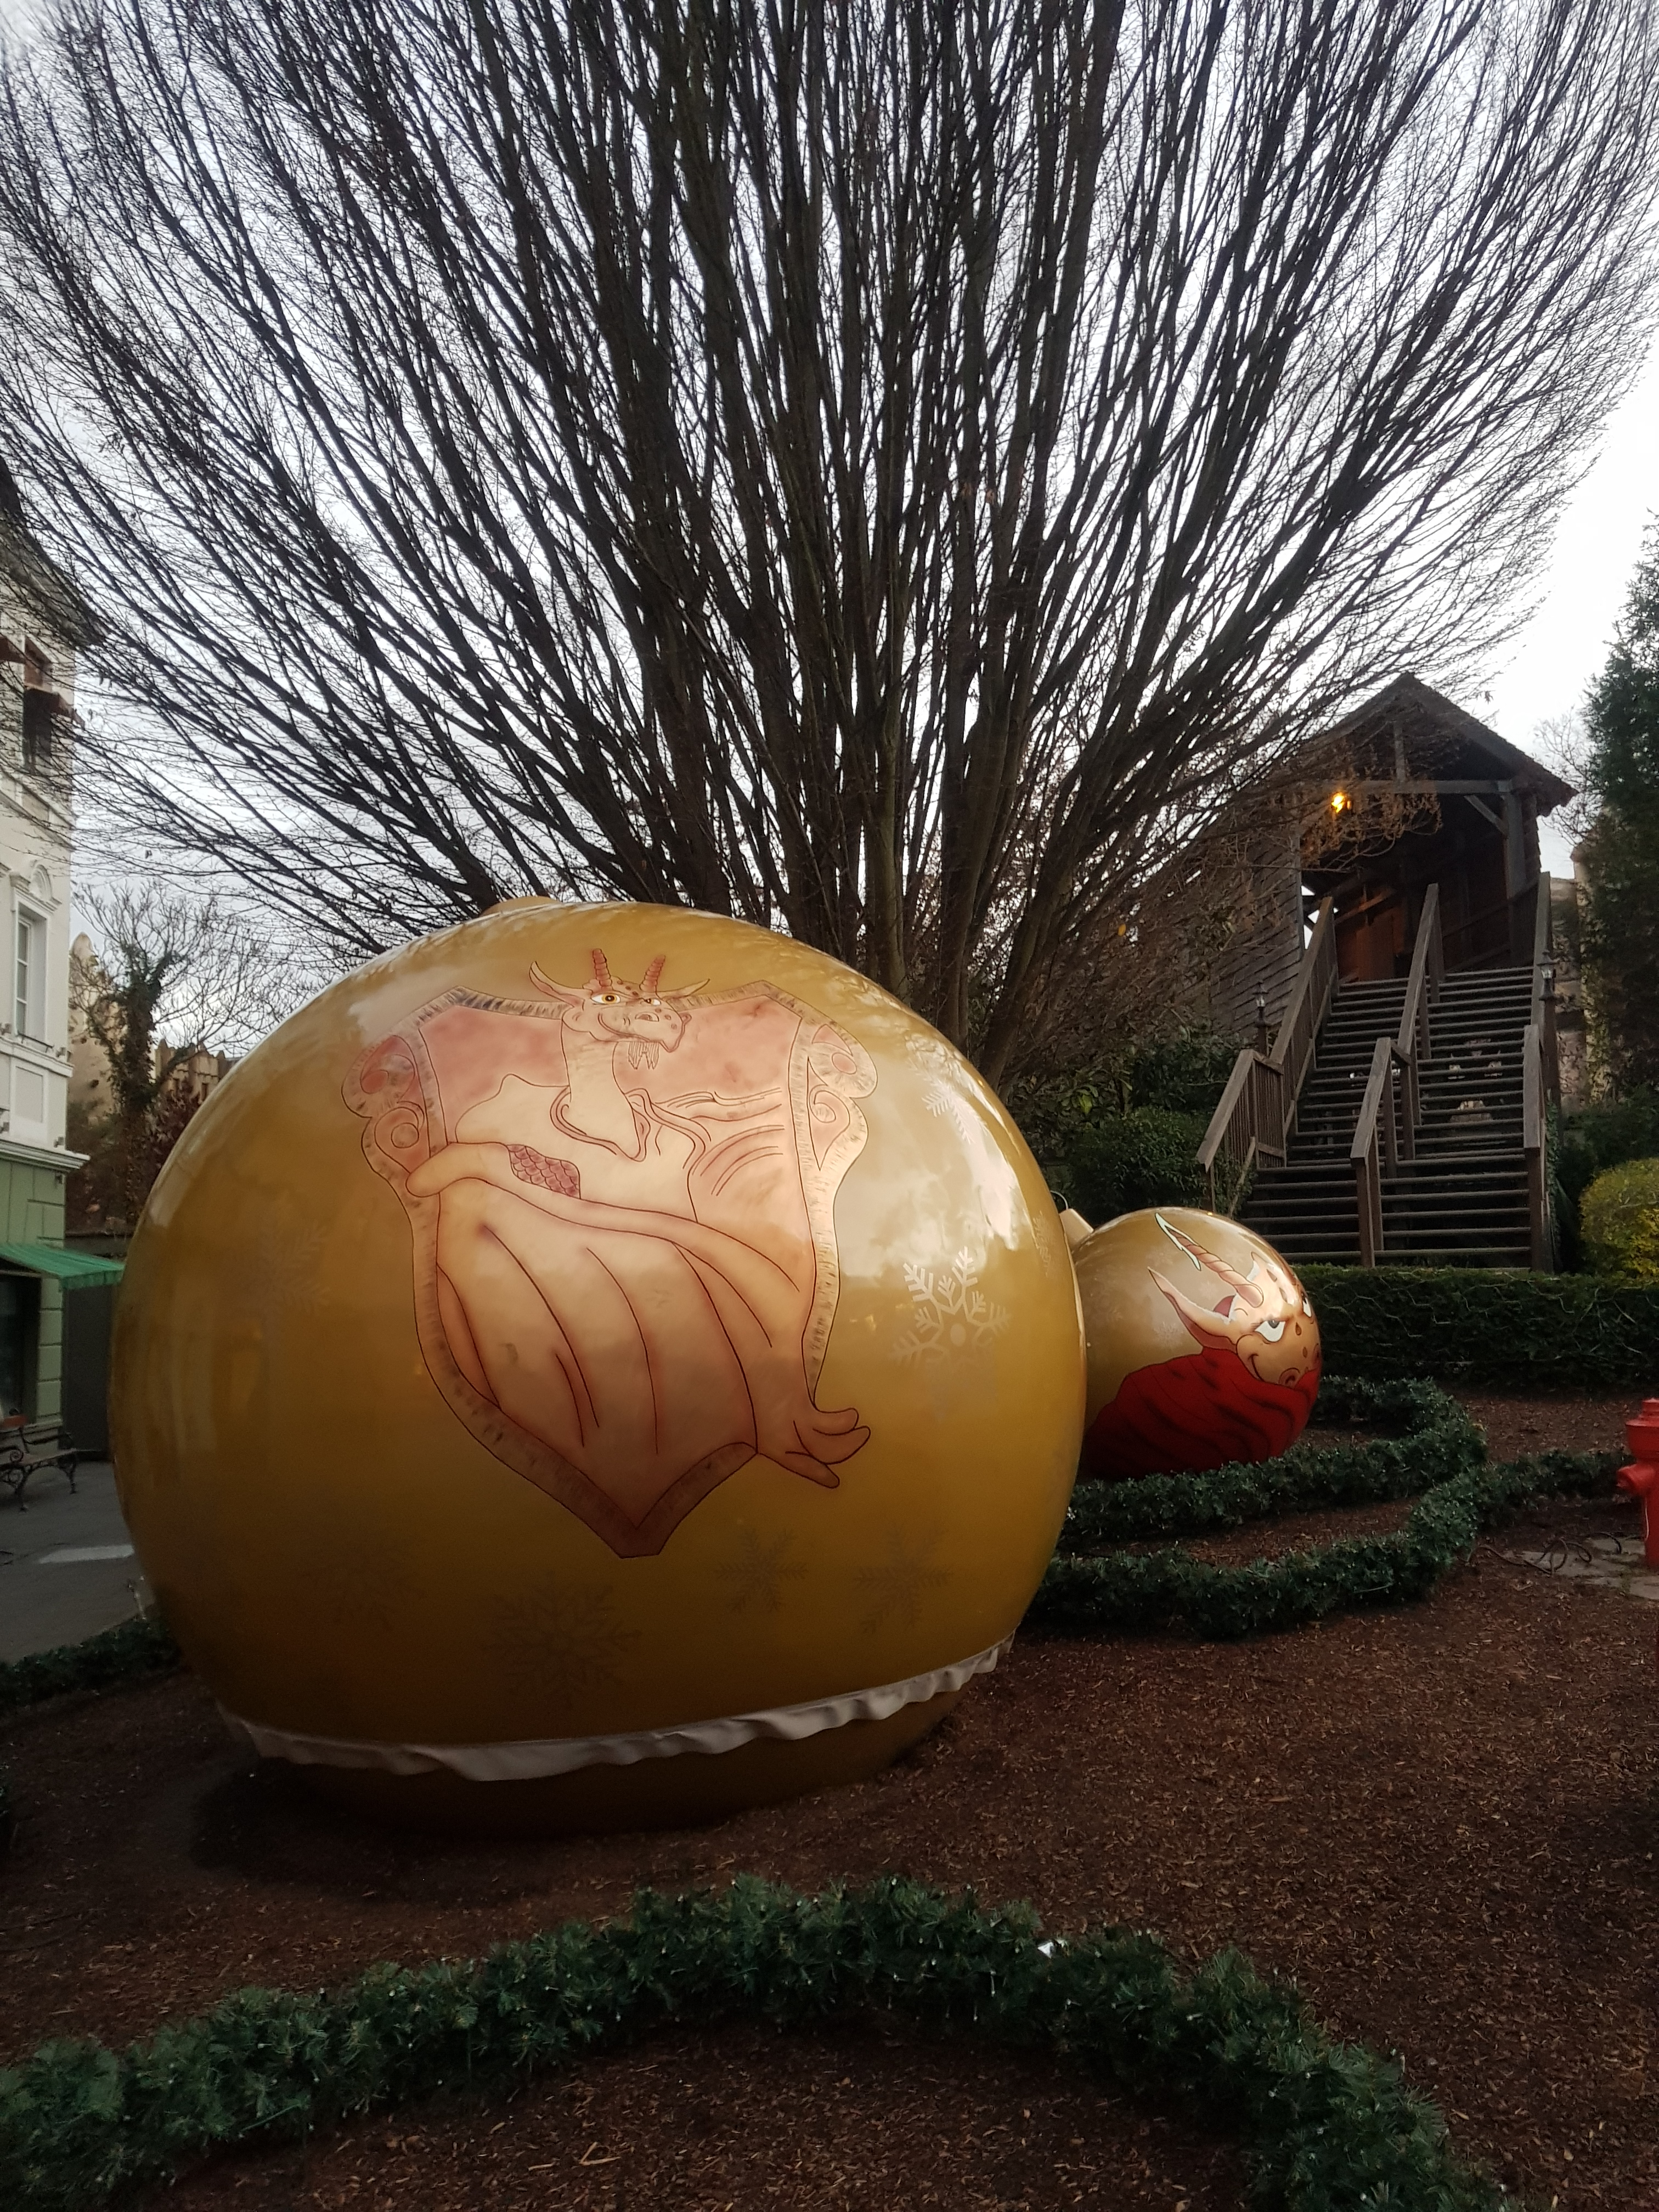 Reuze goudkleurige kerstbal op de grond met een afbeelding van een draak